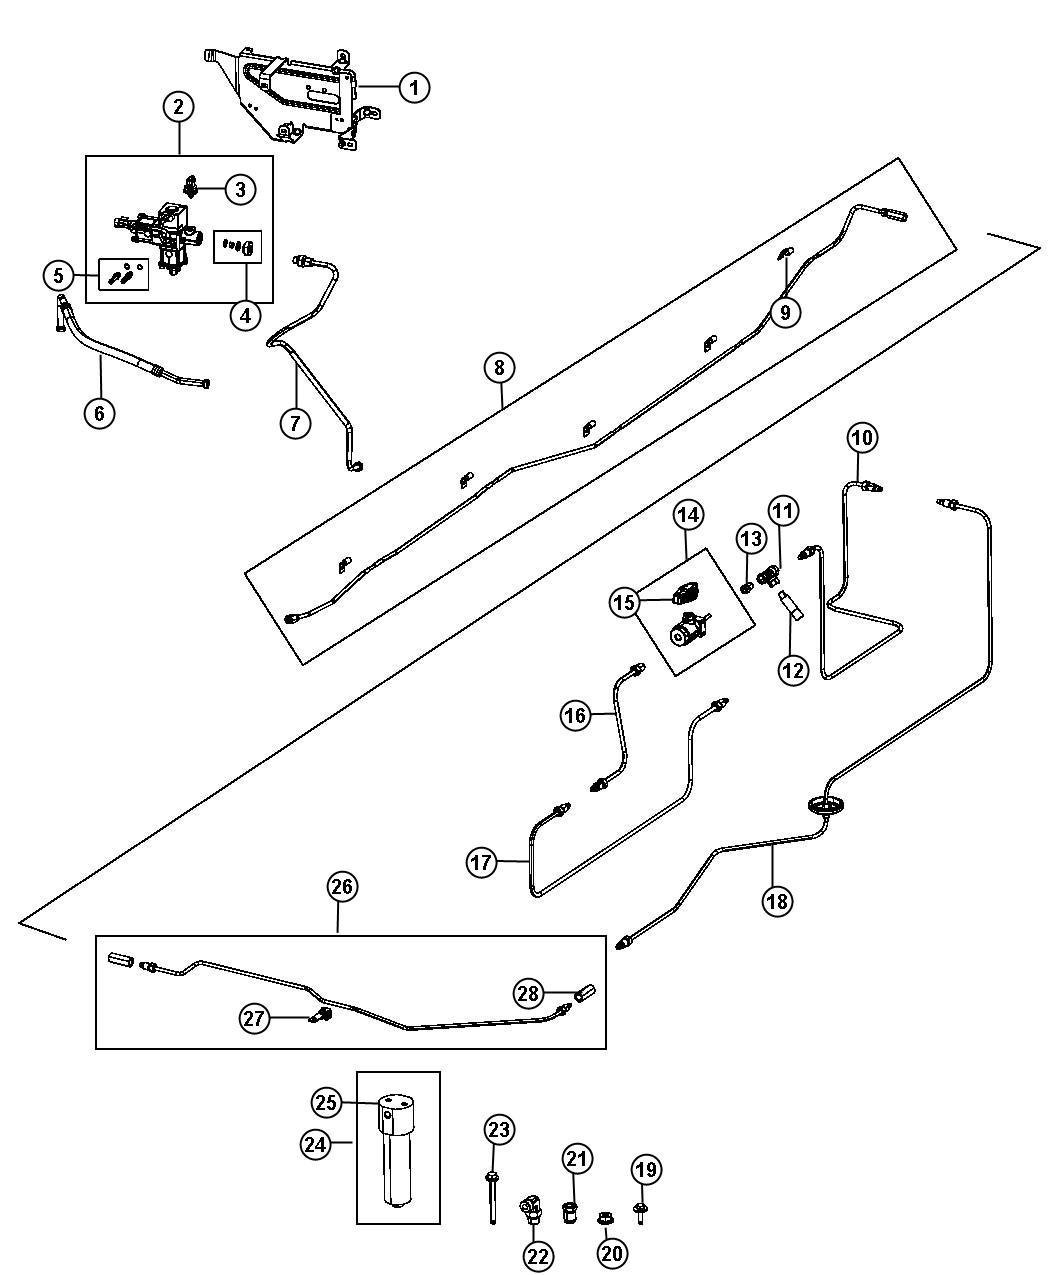 Ram 2500 Filter kit. Fuel pressure regulator. Cng. Lines